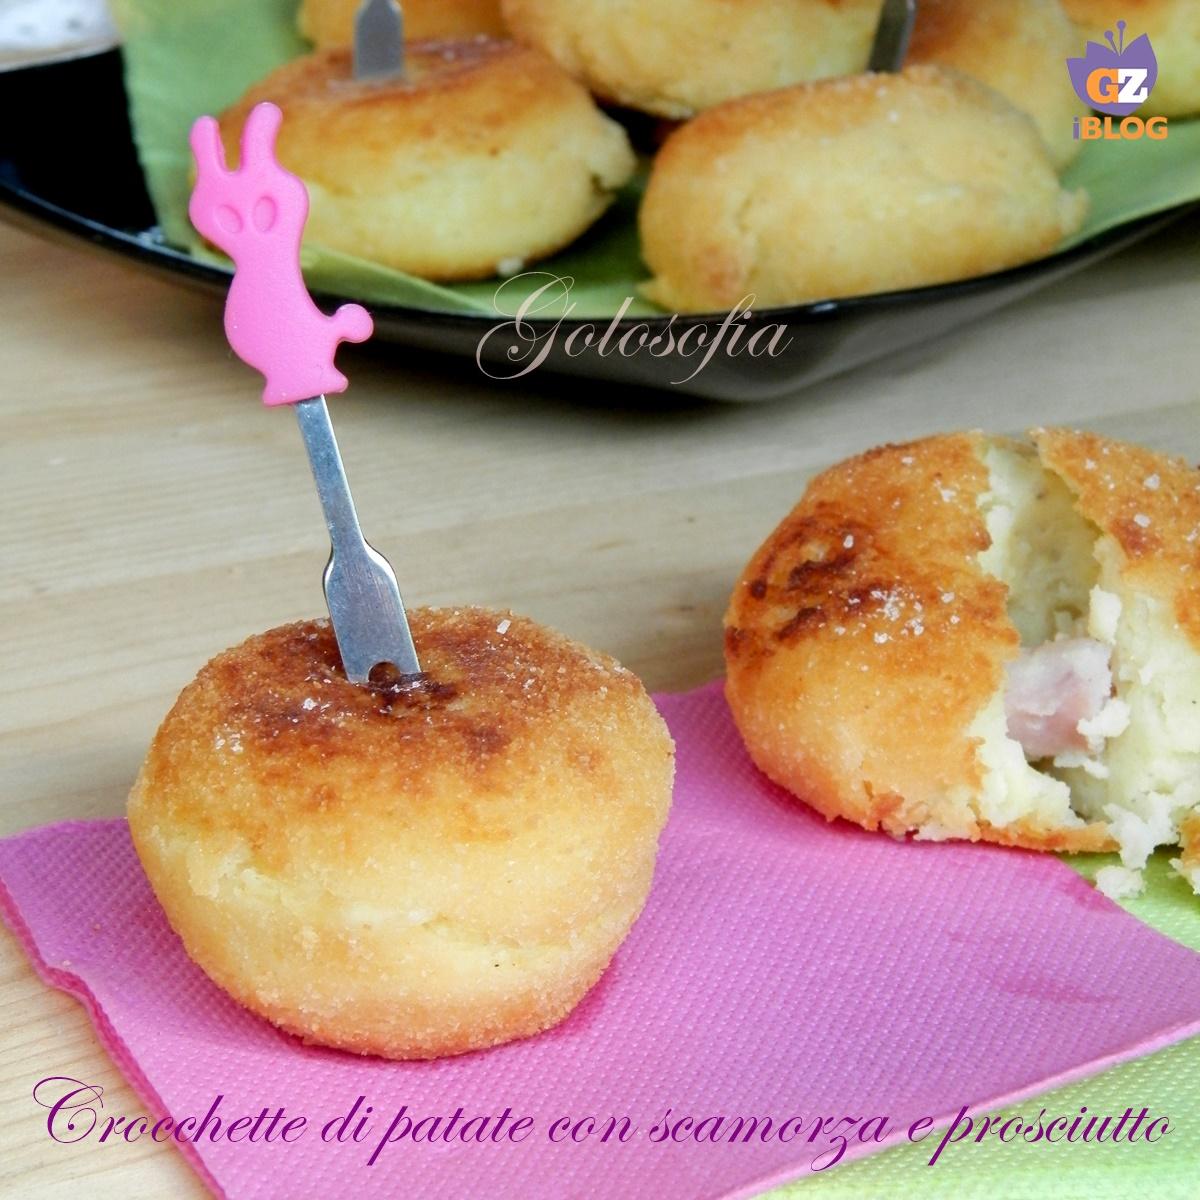 Crocchette di patate scamorza e prosciutto-ricetta secondi-golosofia